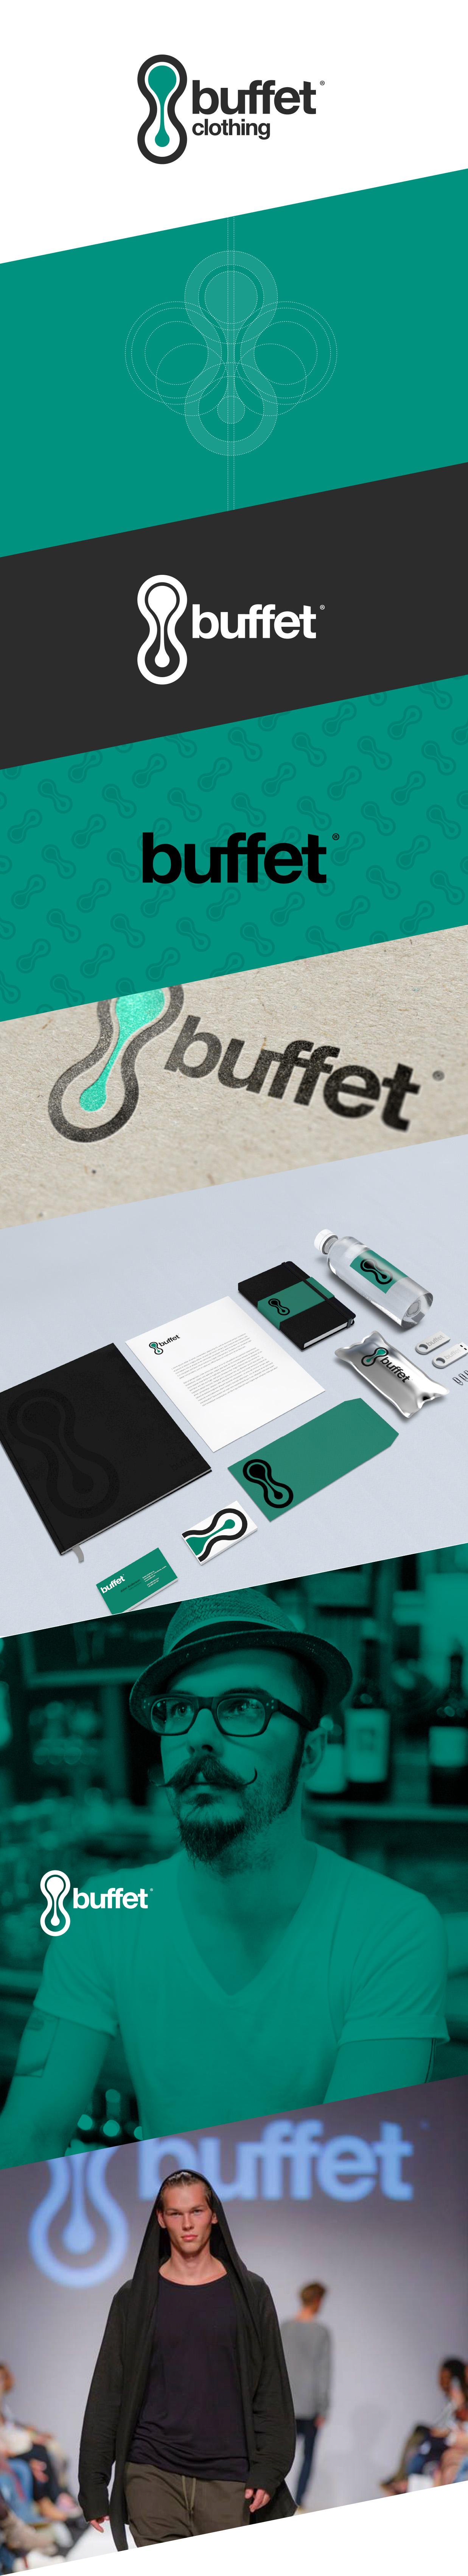 buffetBEH